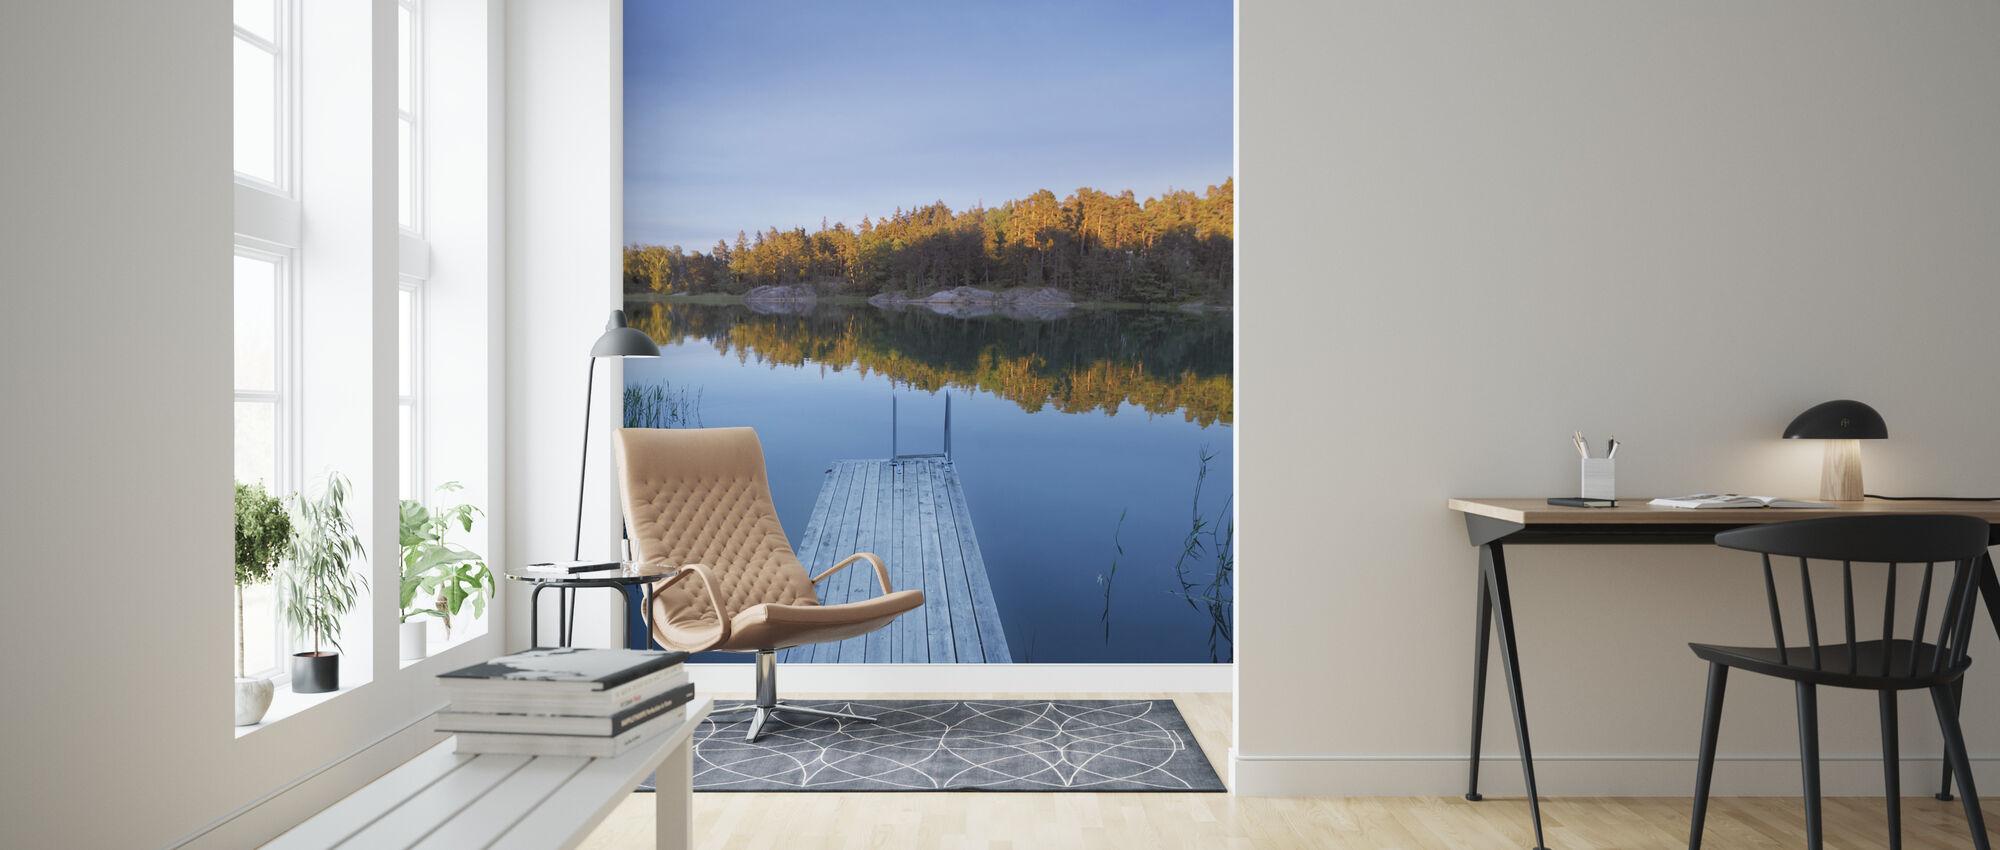 Wooden Pier in Shadow - Wallpaper - Living Room